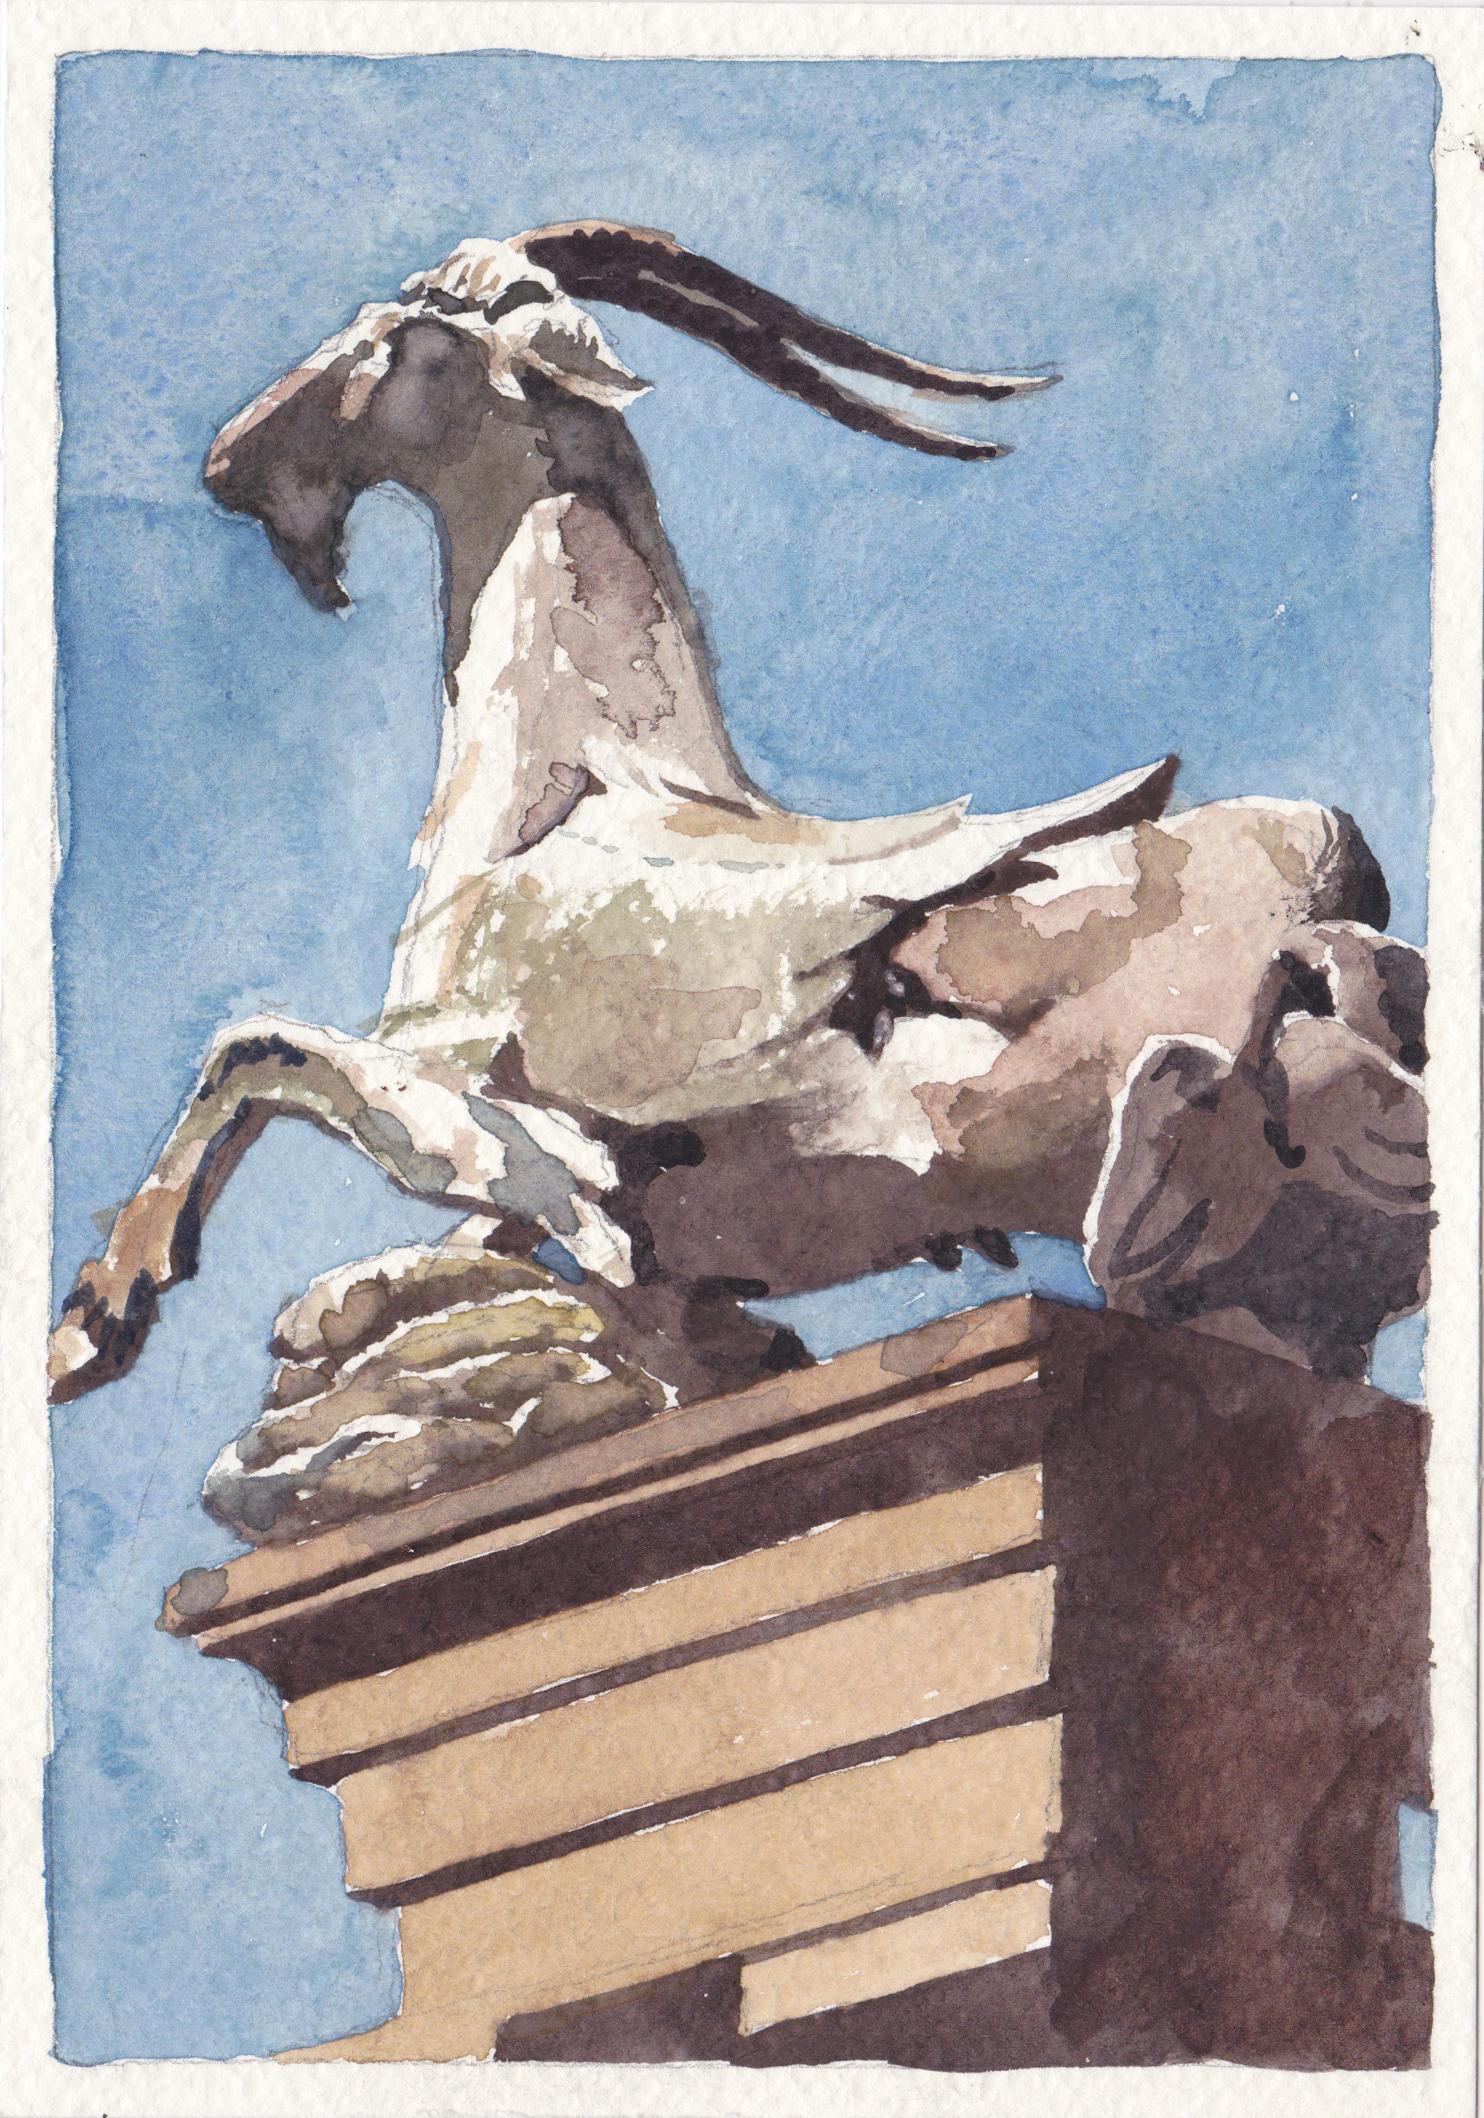 Goat Statue at Boboli Gardens